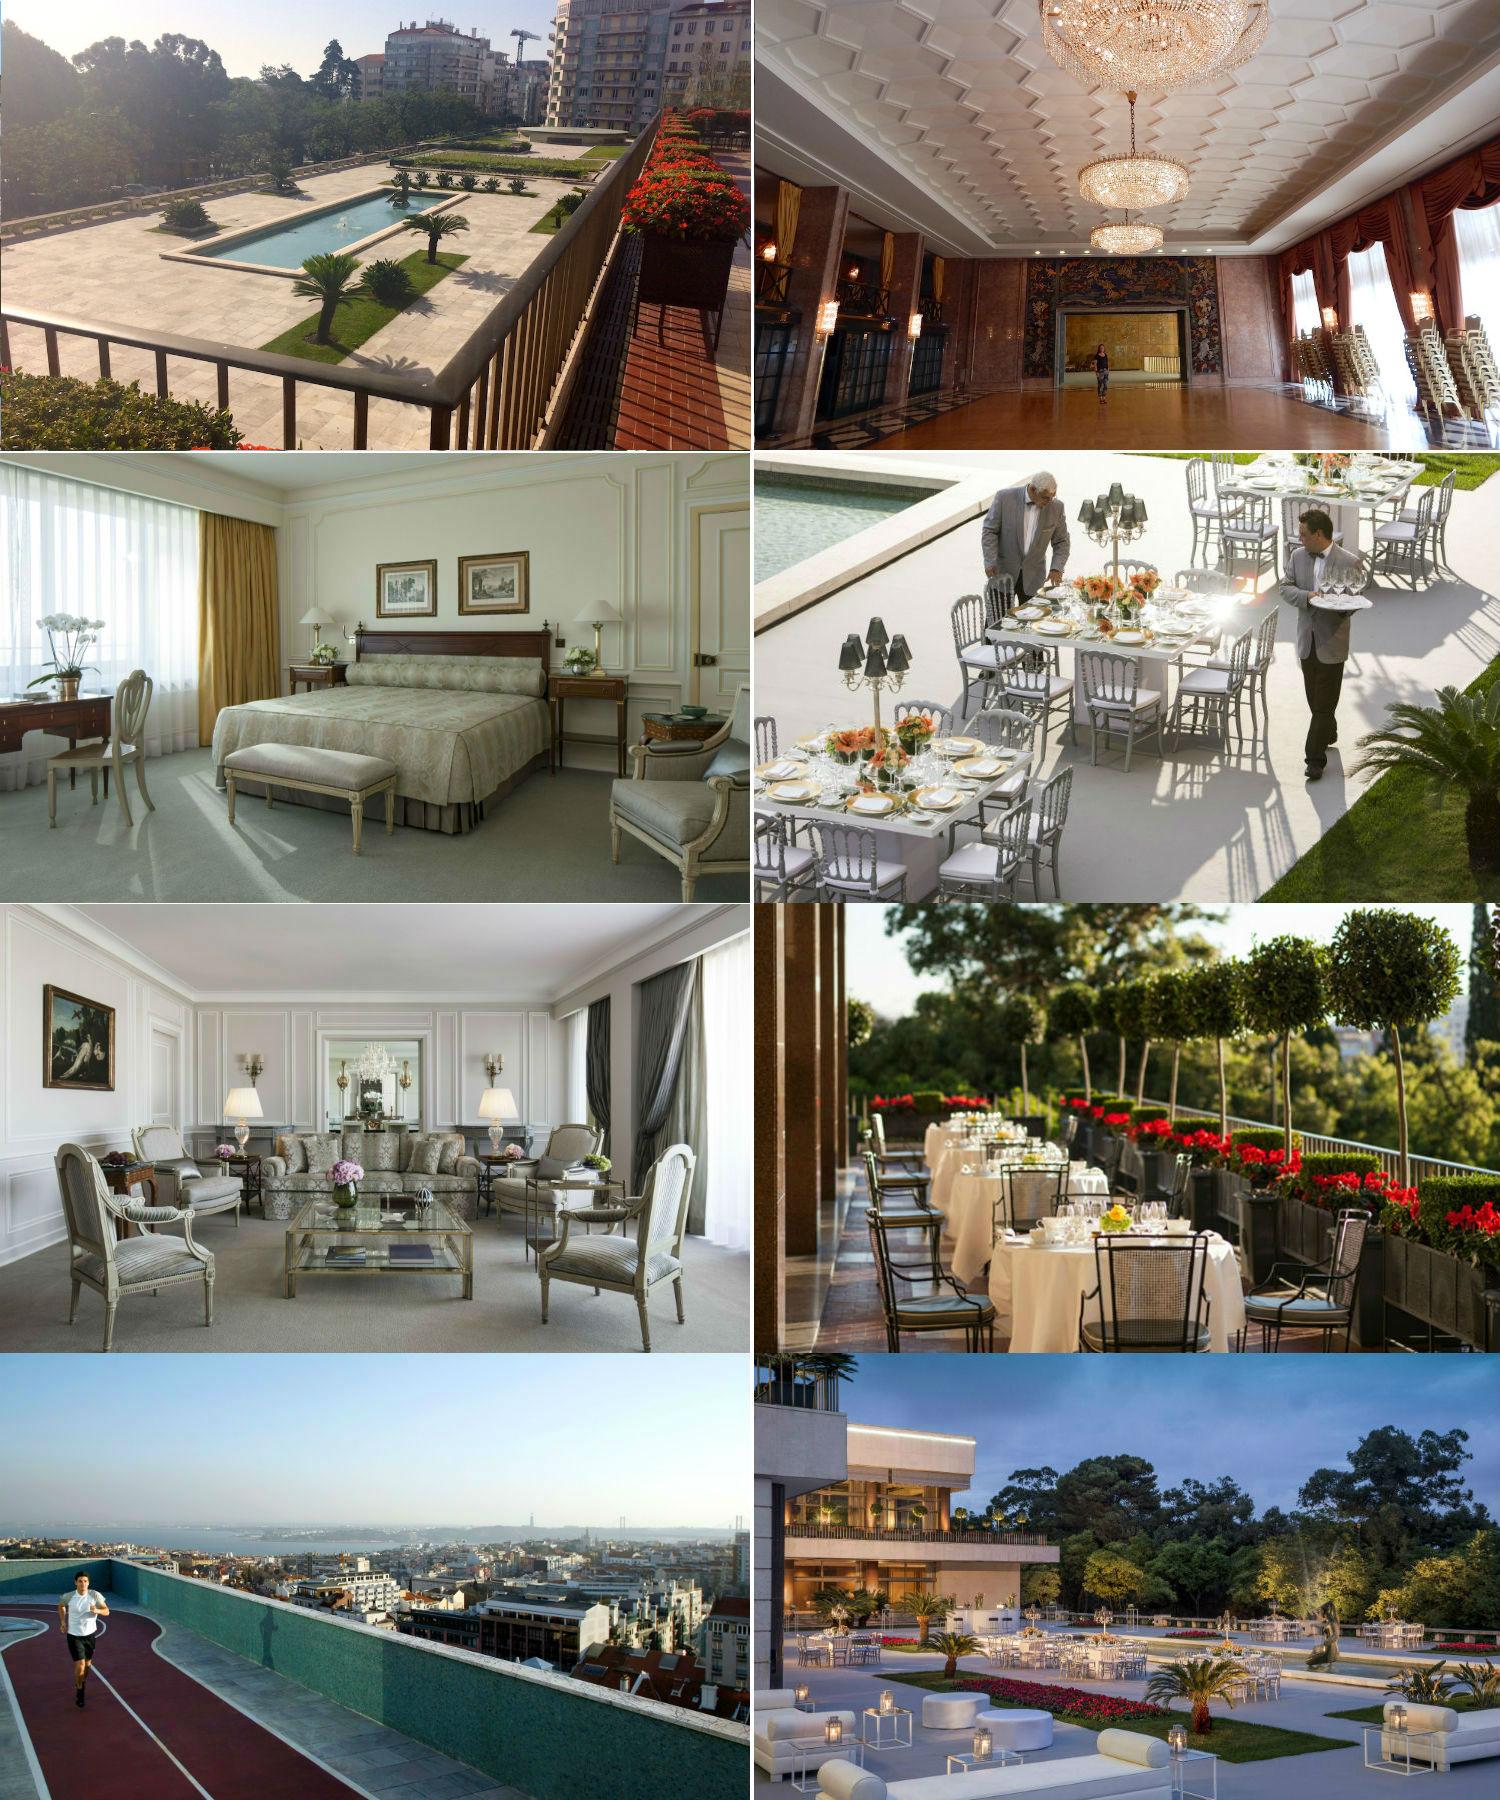 Do lado esquerdo, um poquinho das estruturas do hotel (jardim, quarto, living do quarto e rooftop). Do lado direito, o glamour das festas e eventos na piscina e salões